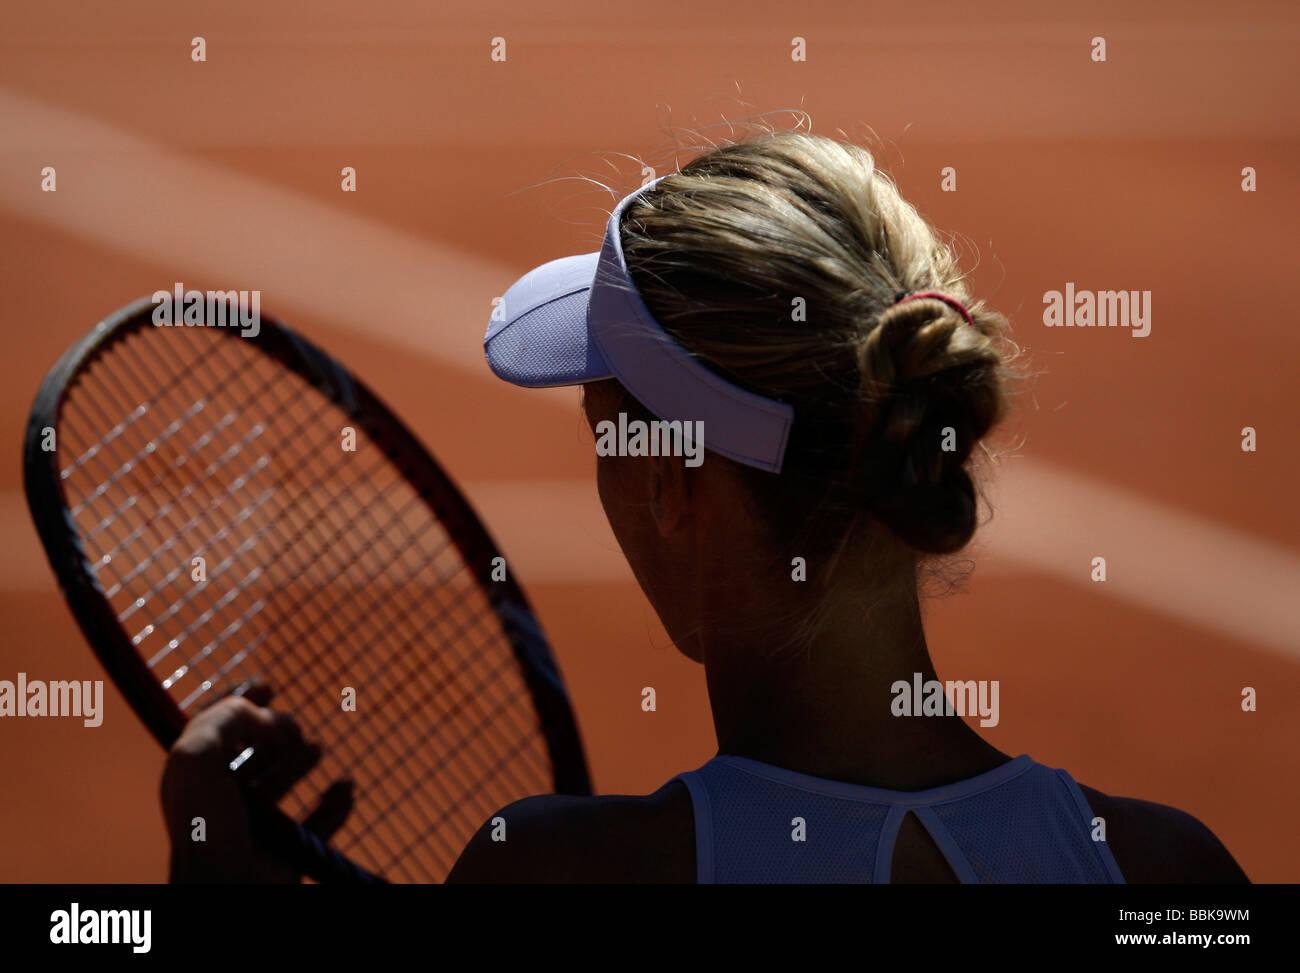 Specchietto del giocatore di tennis Elena Dementieva RUS) disponendo le stringhe nel suo racket durante la pausa Immagini Stock